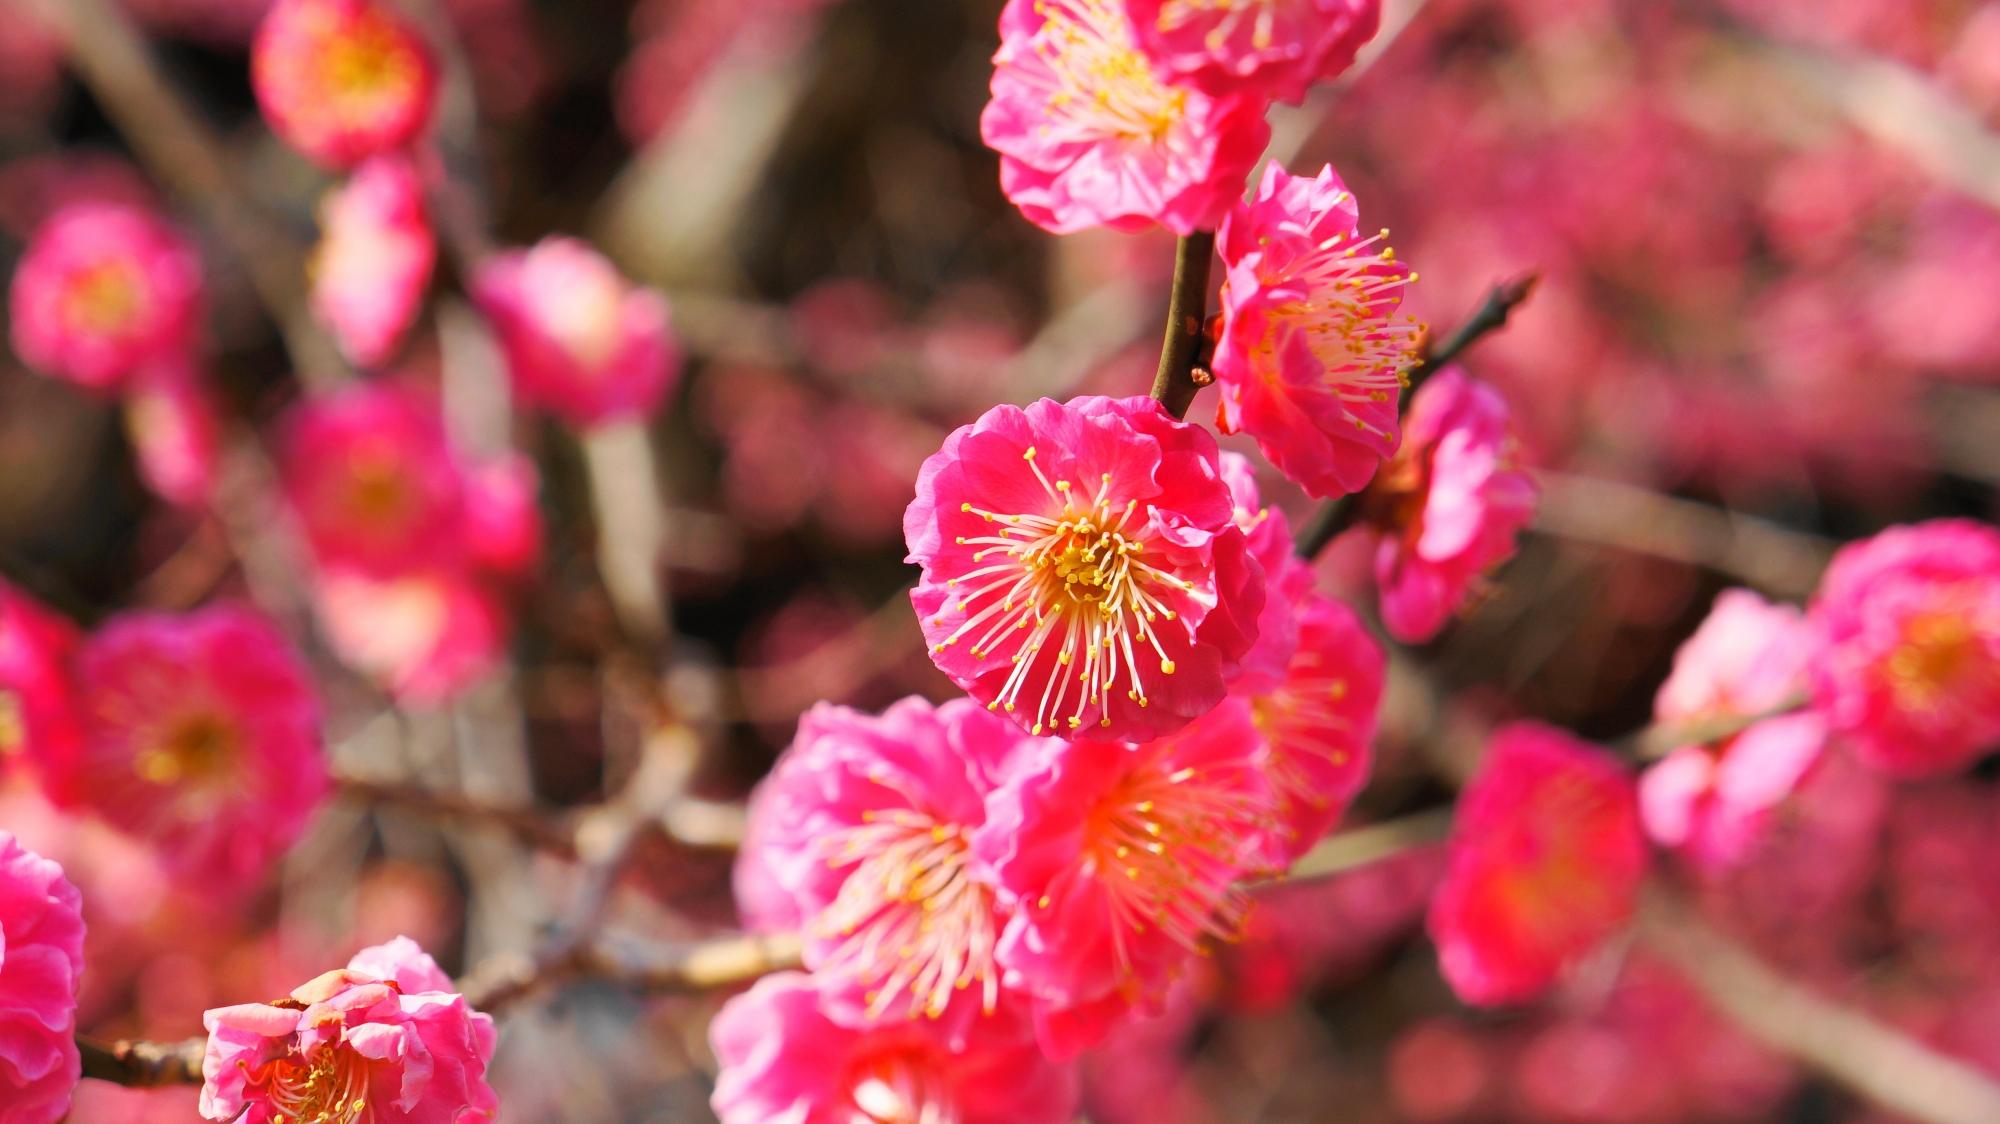 北野天満宮の真っピンクの八重の梅の花